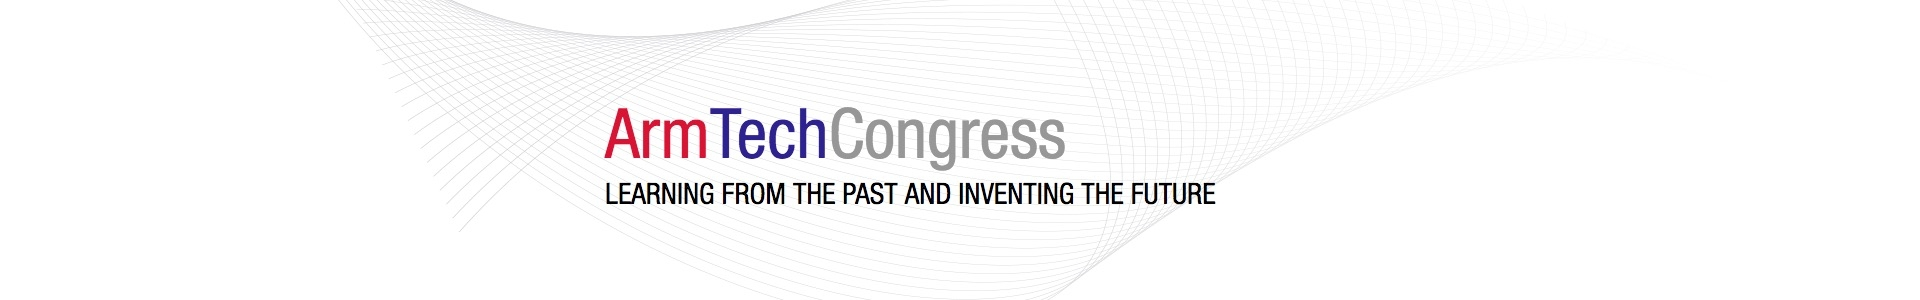 ArmTech Congress Banner